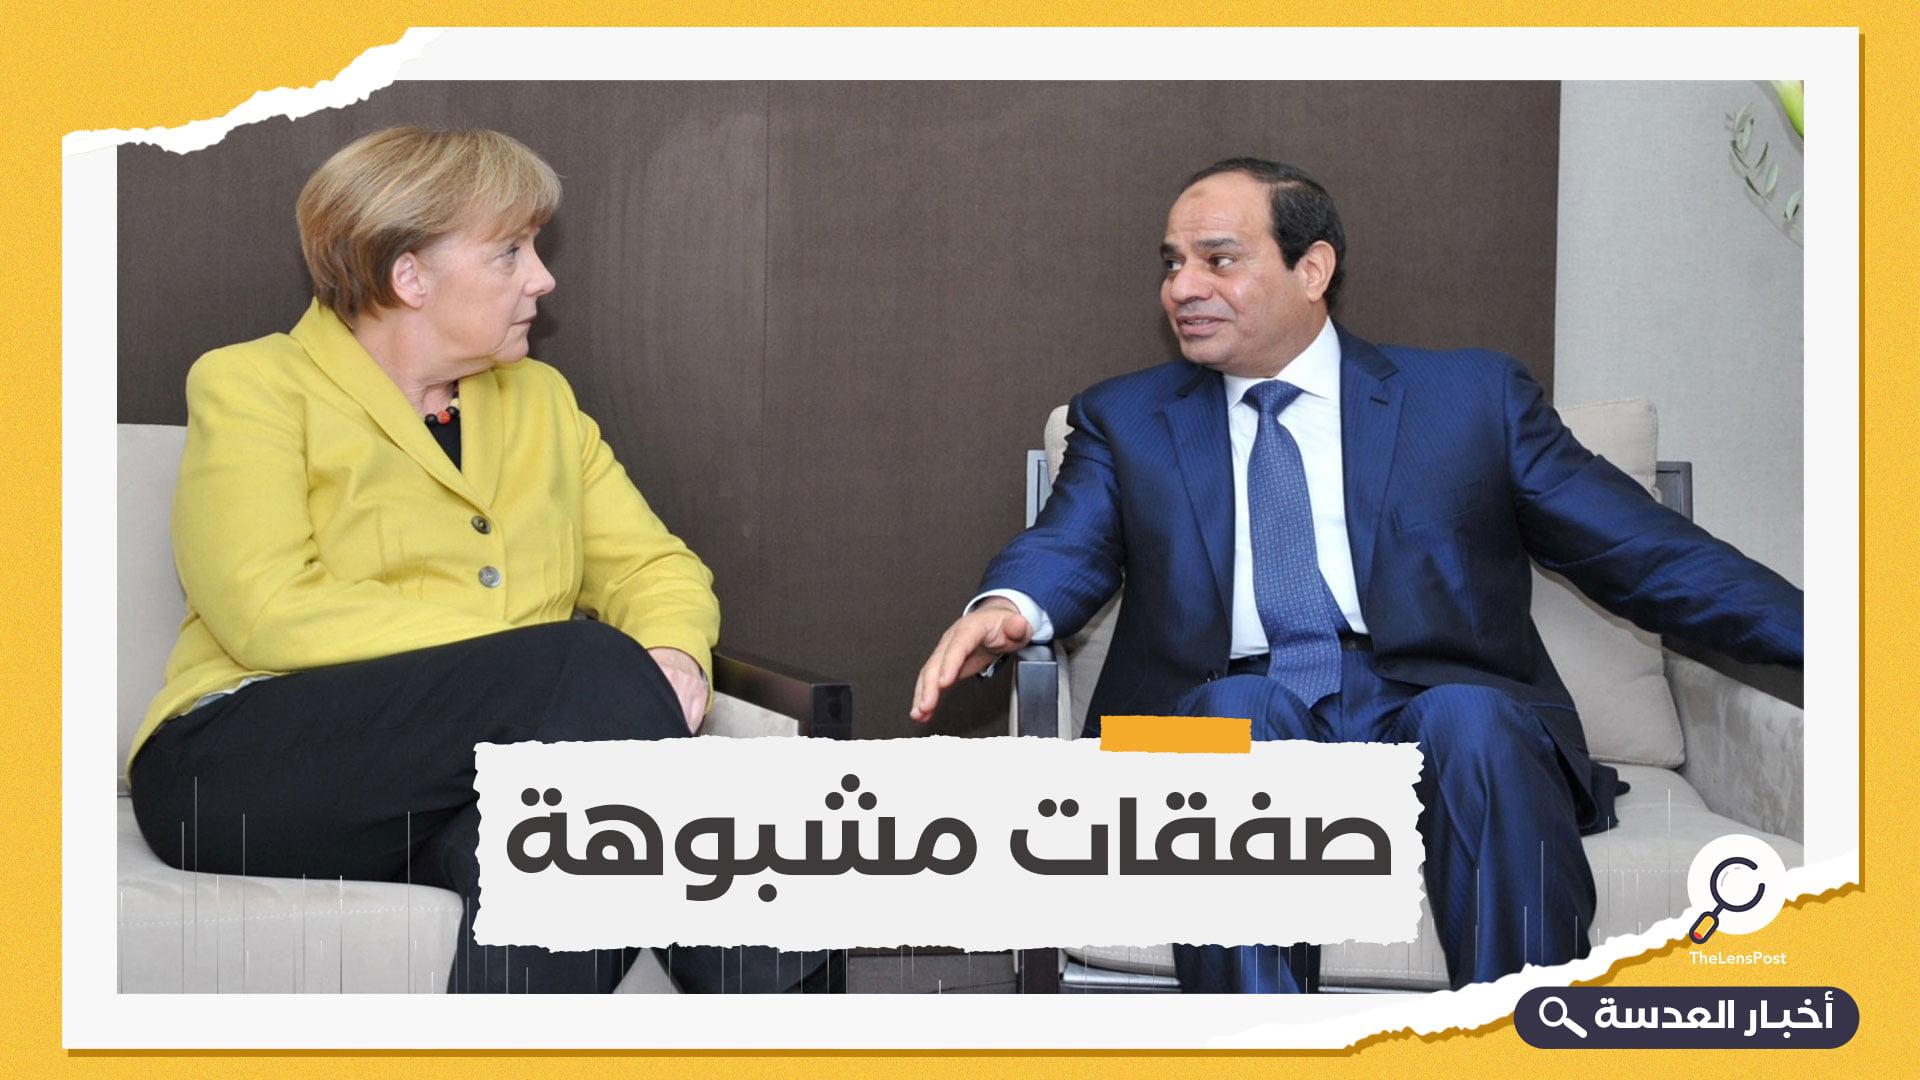 بقيمة 764 مليون يورو.. مصر تتصدر في استيراد الأسلحة الألمانية خلال 2020